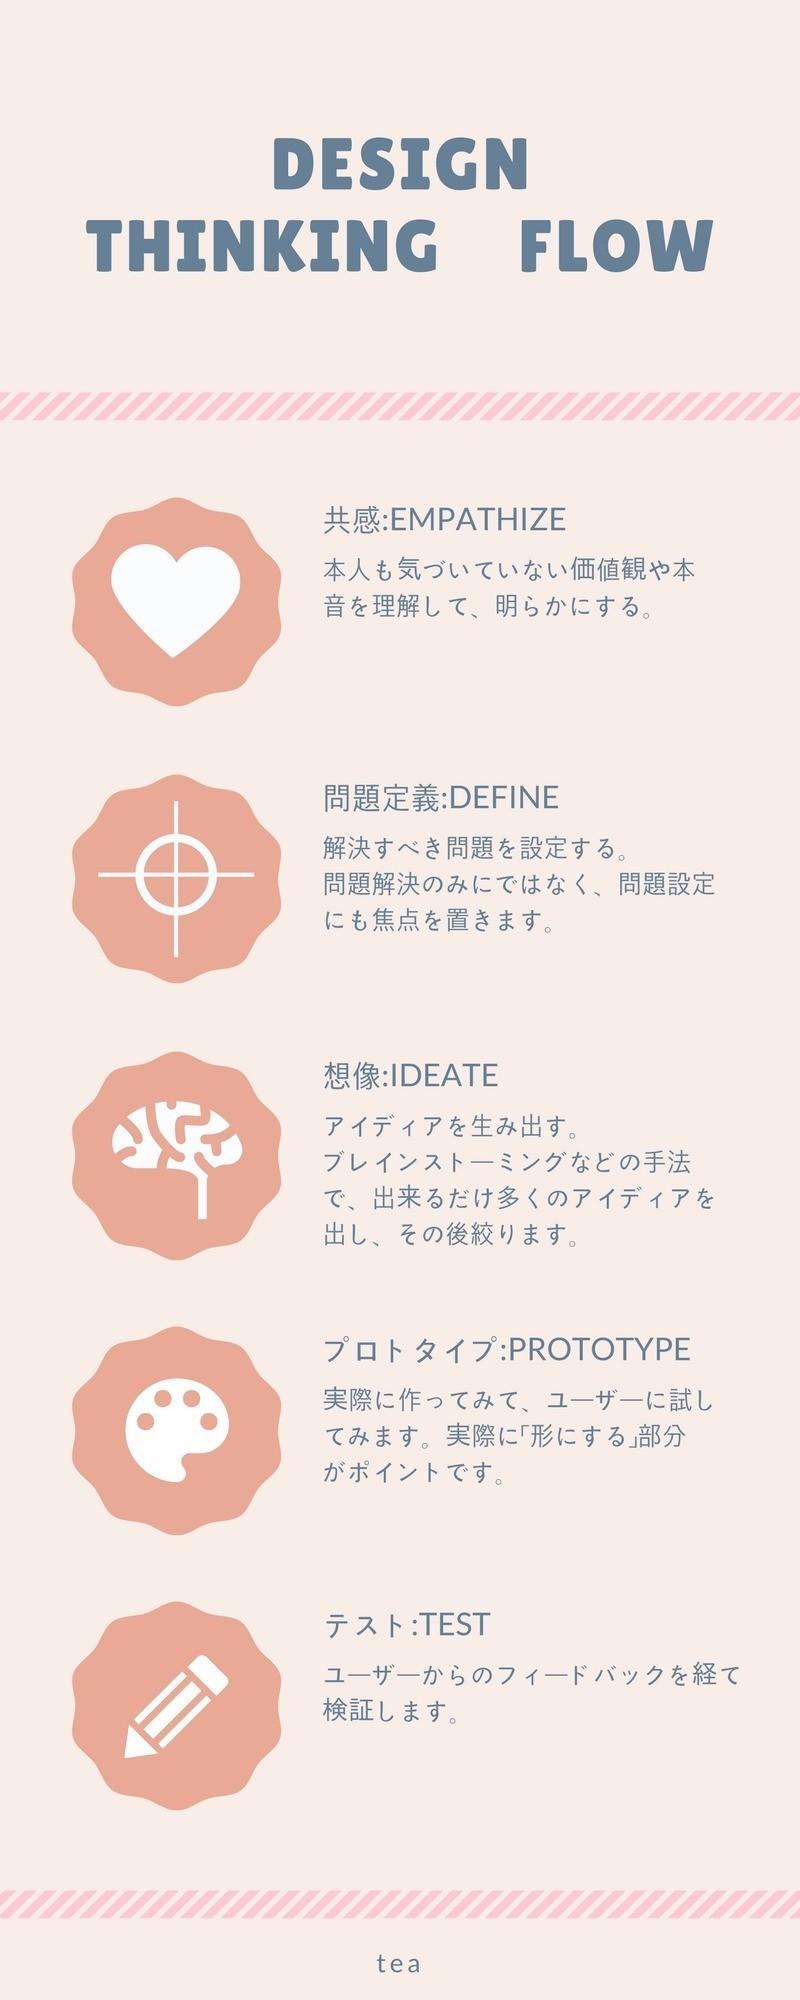 昔作成したデザイン思考のインフォグラフィックです。  #インフォグラフィック #図解